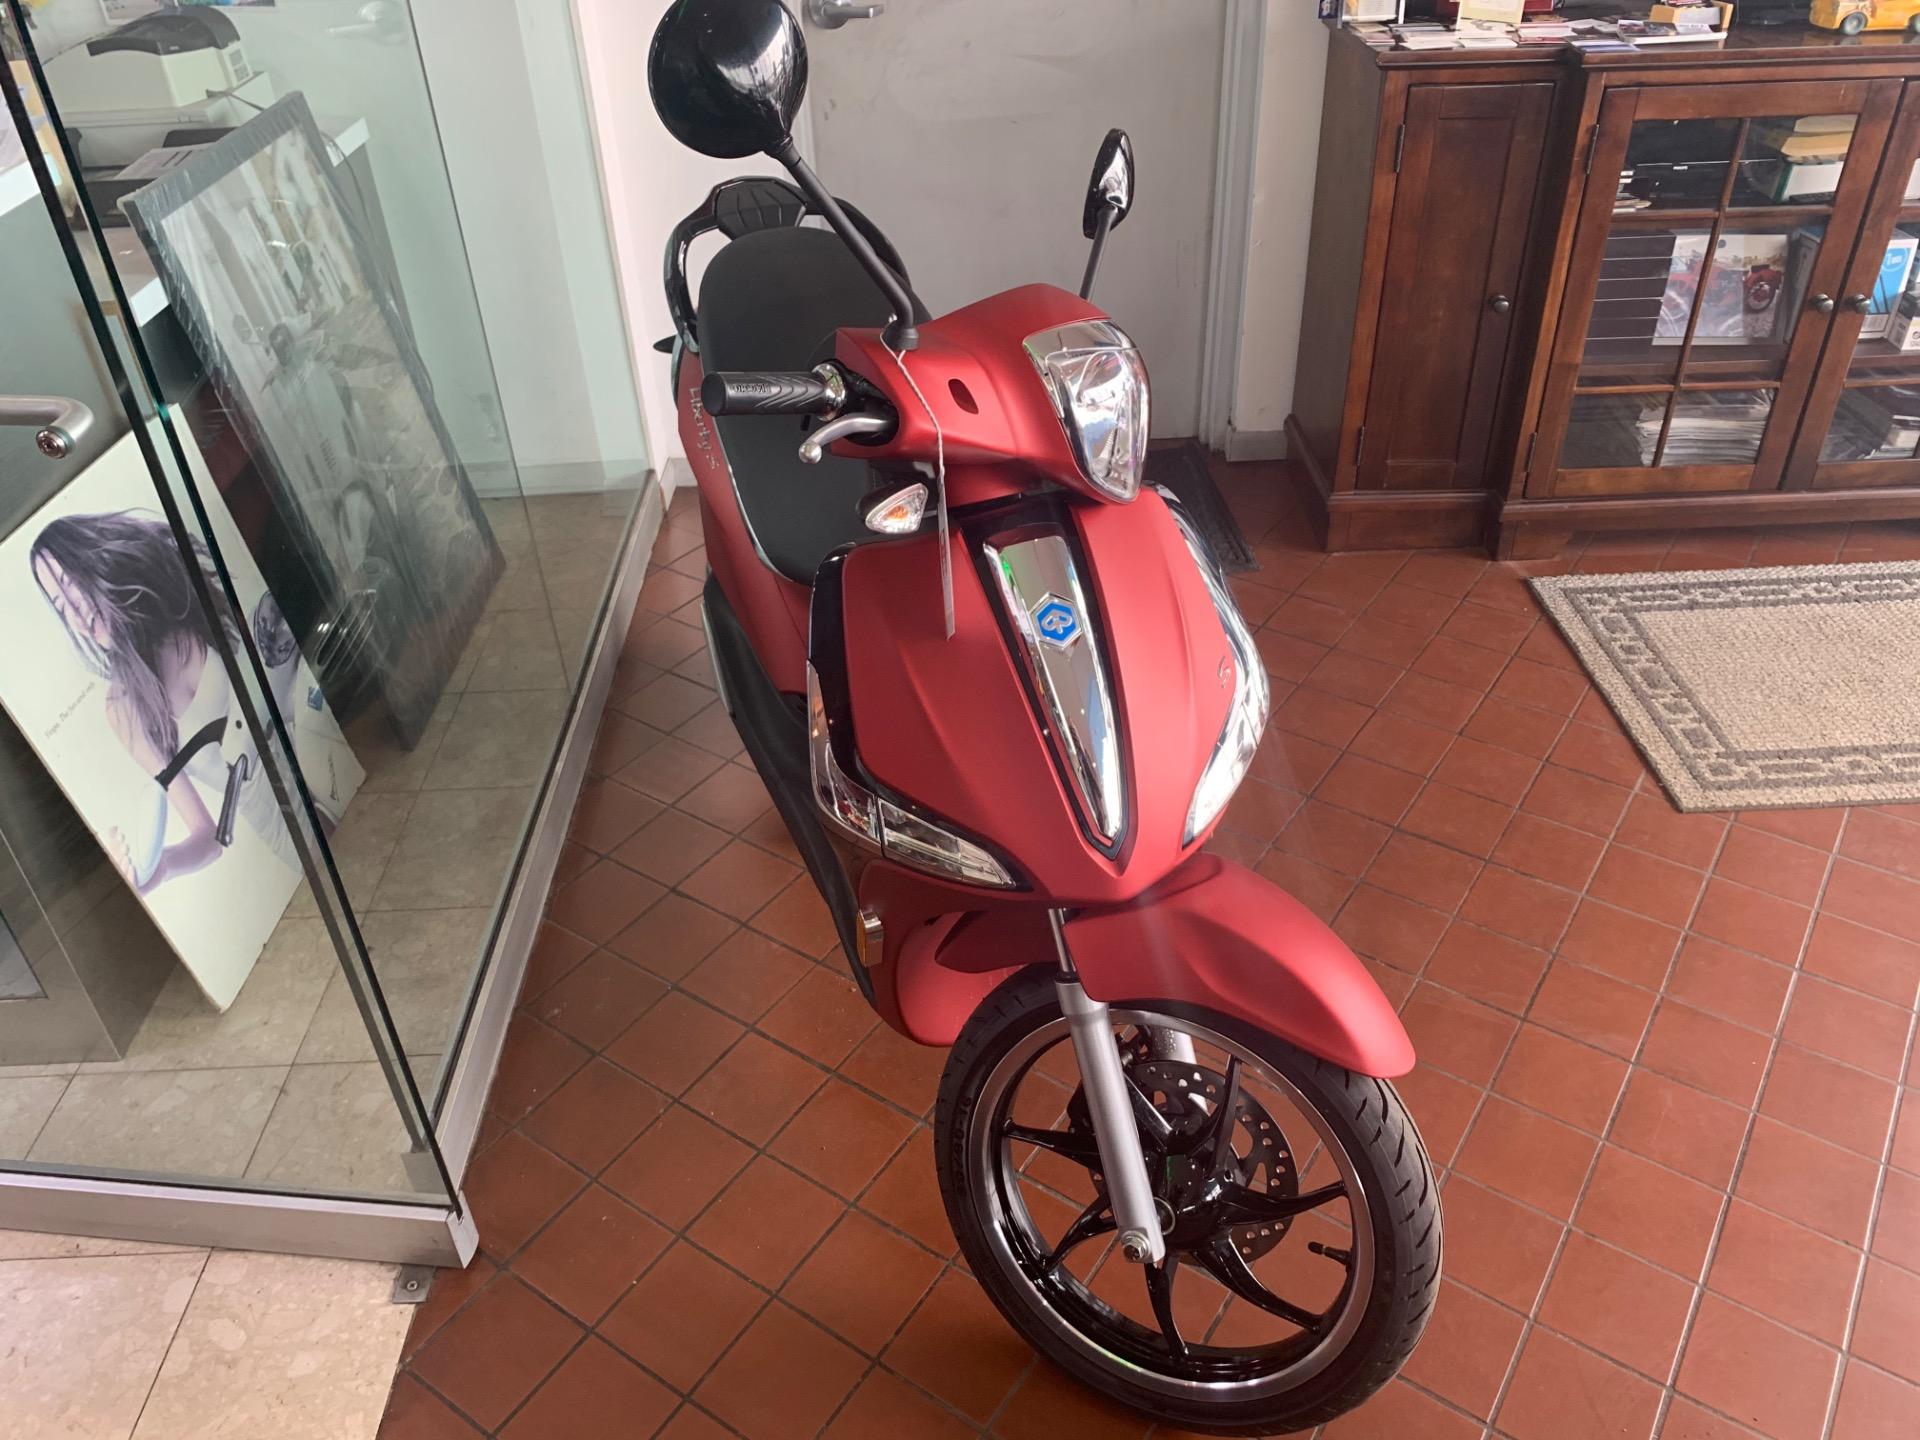 New-2019-Piaggio-Liberty-50-S